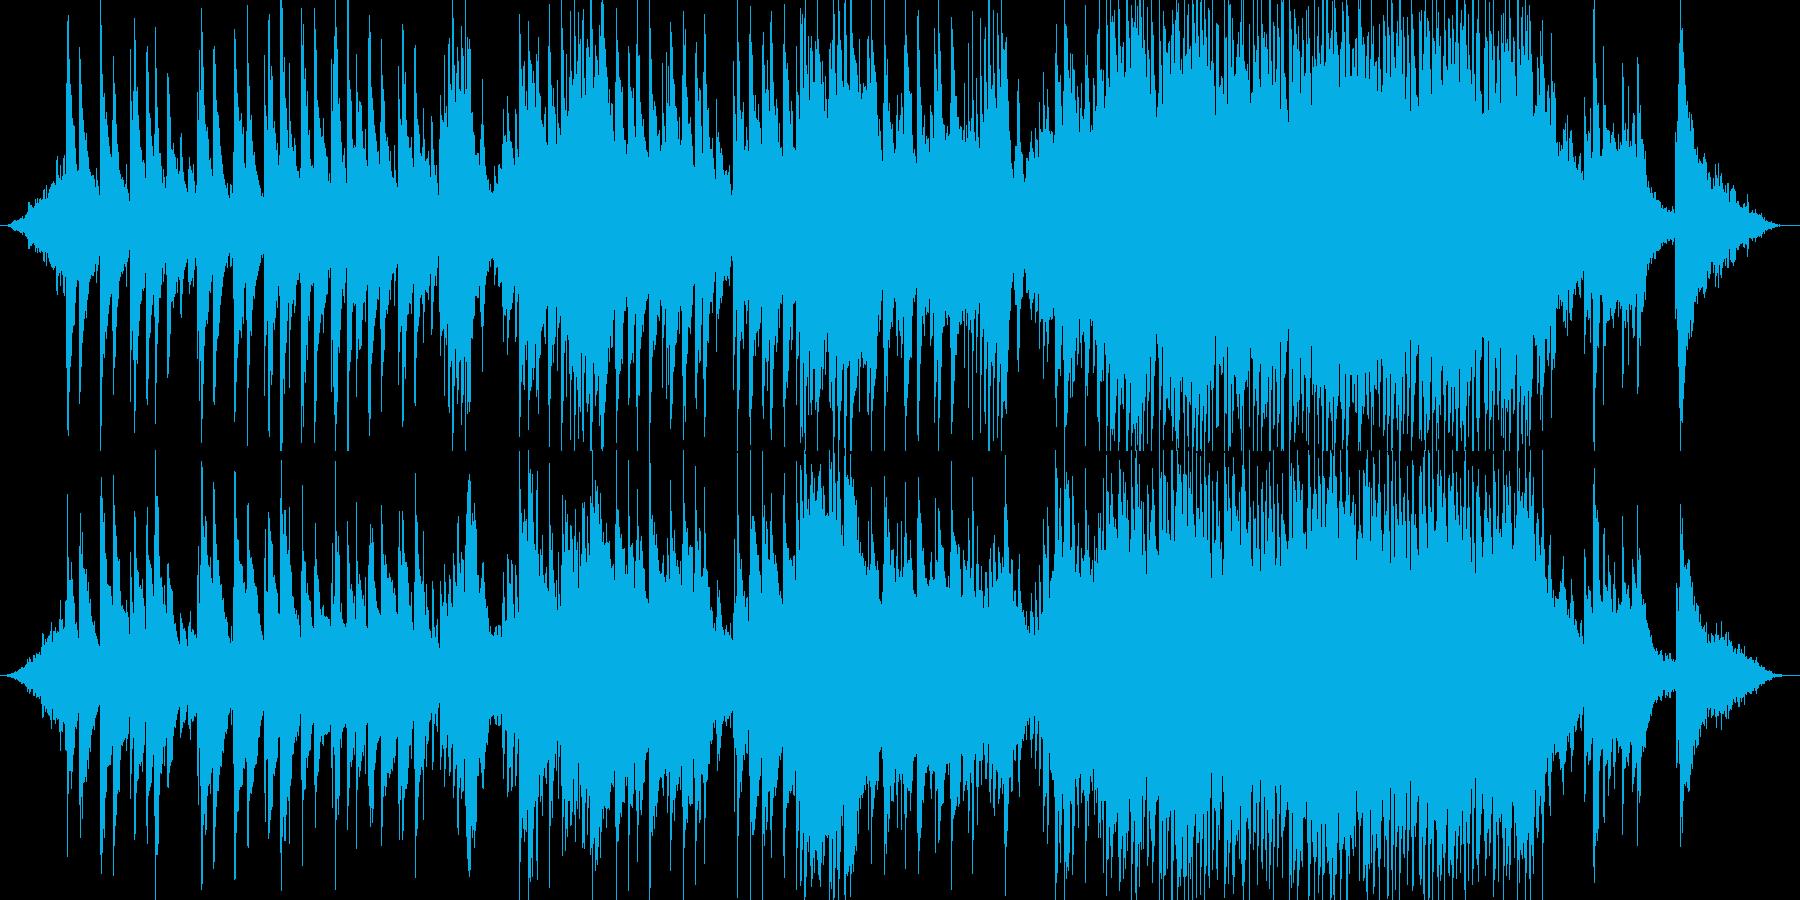 Aギターメイン癒し系ヒーリングサウンドの再生済みの波形